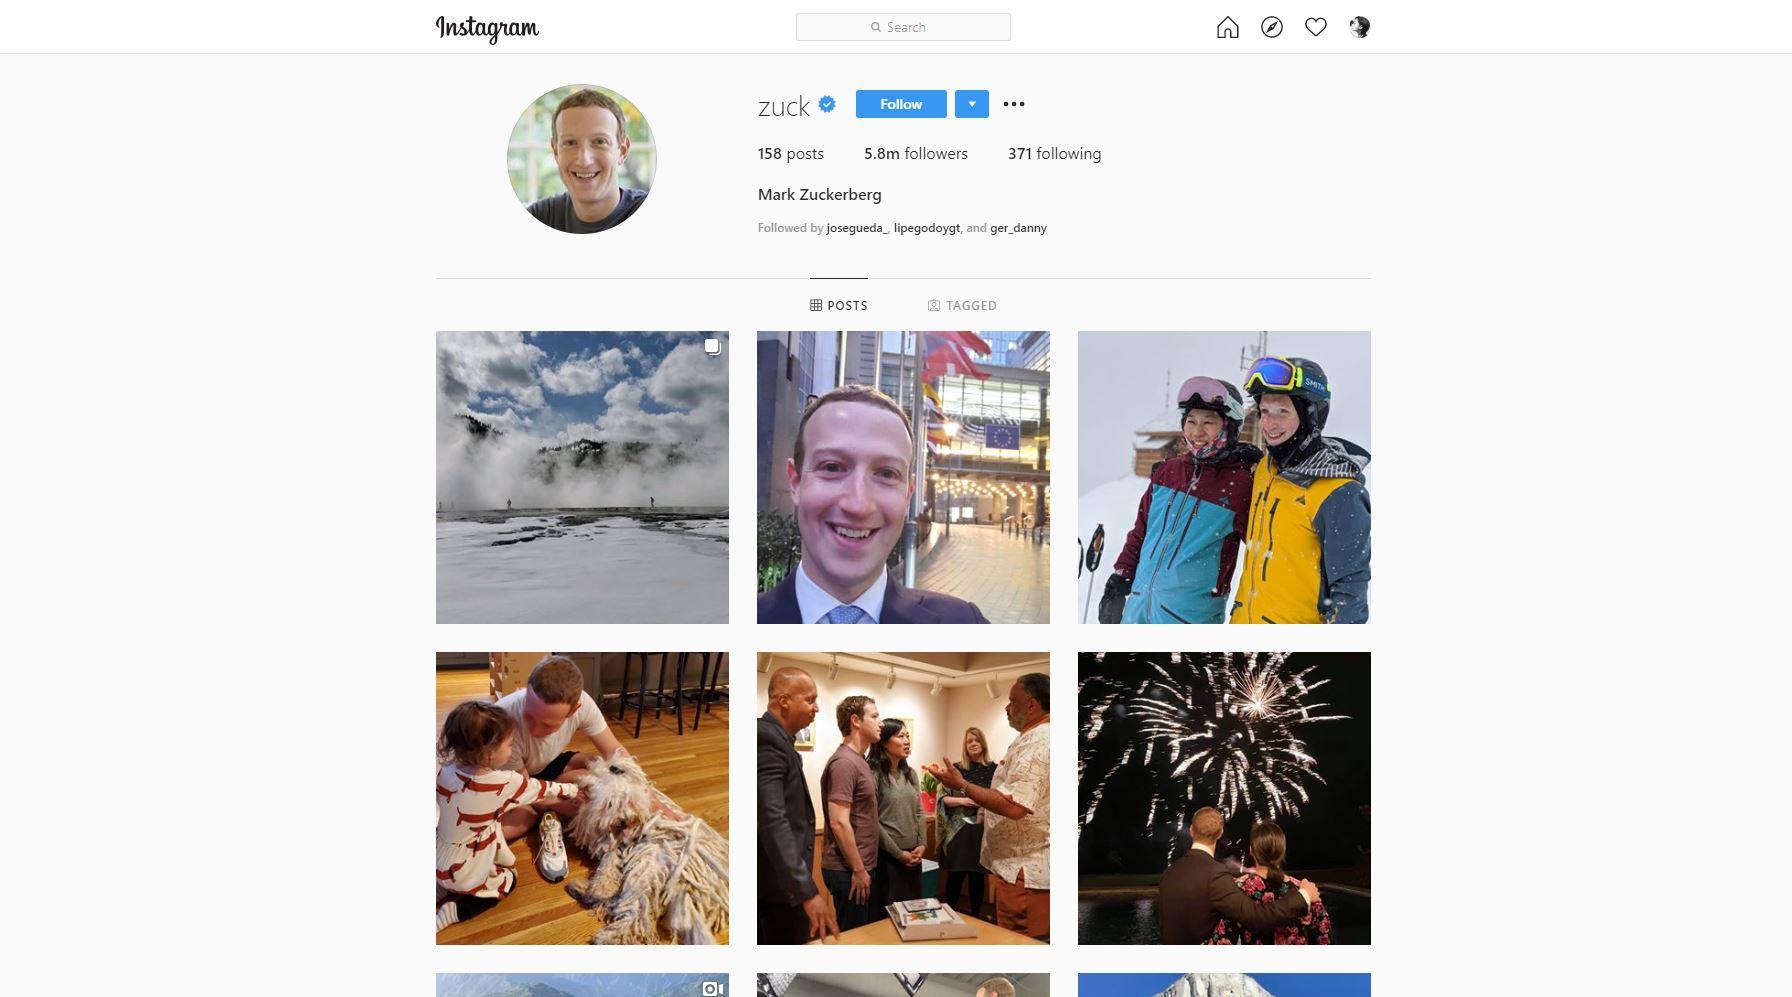 Qué es el Networking: 5 formas de usarlo como empresa. Perfil de Instagram